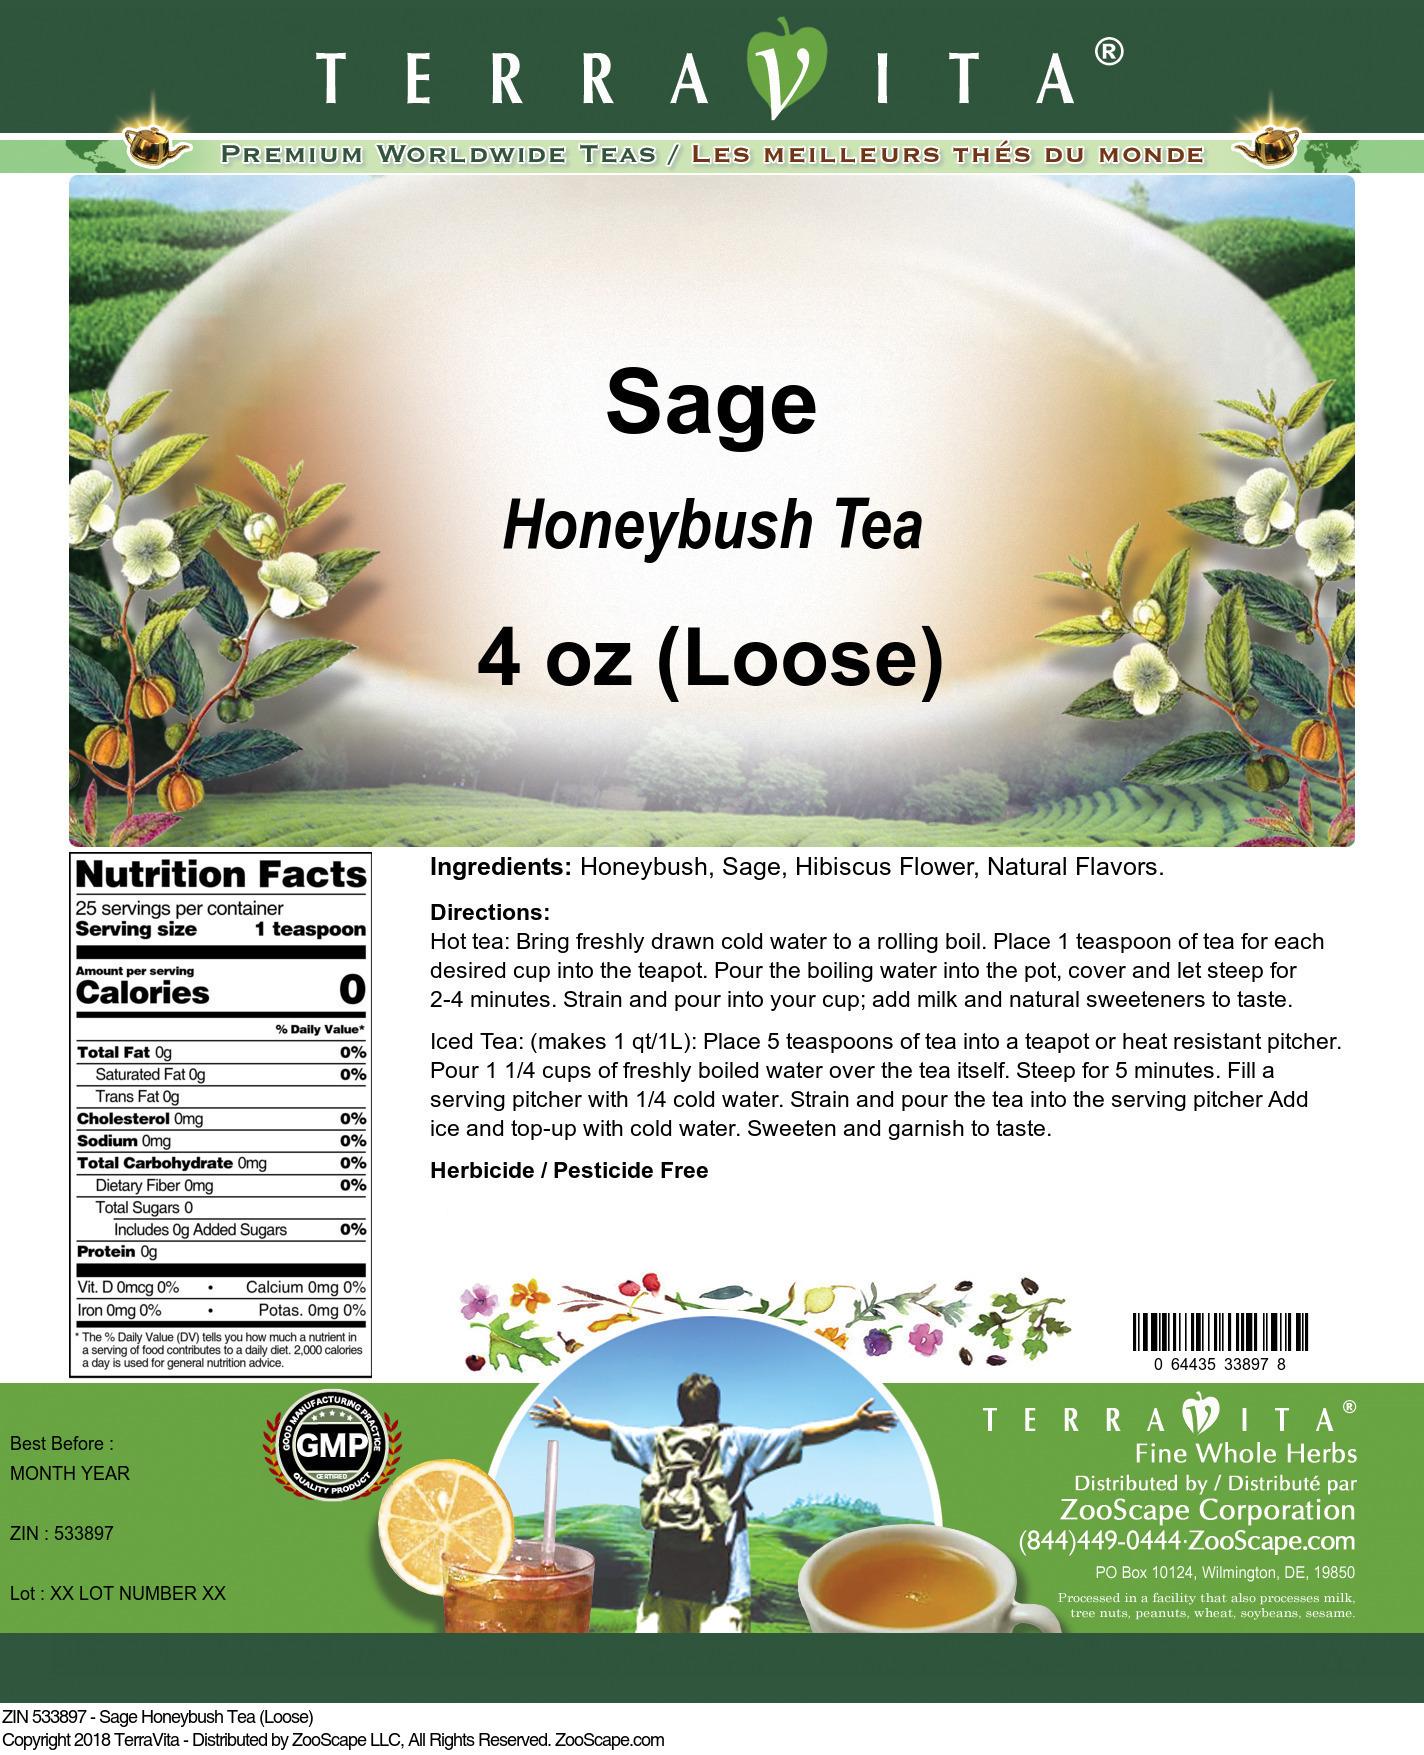 Sage Honeybush Tea (Loose)